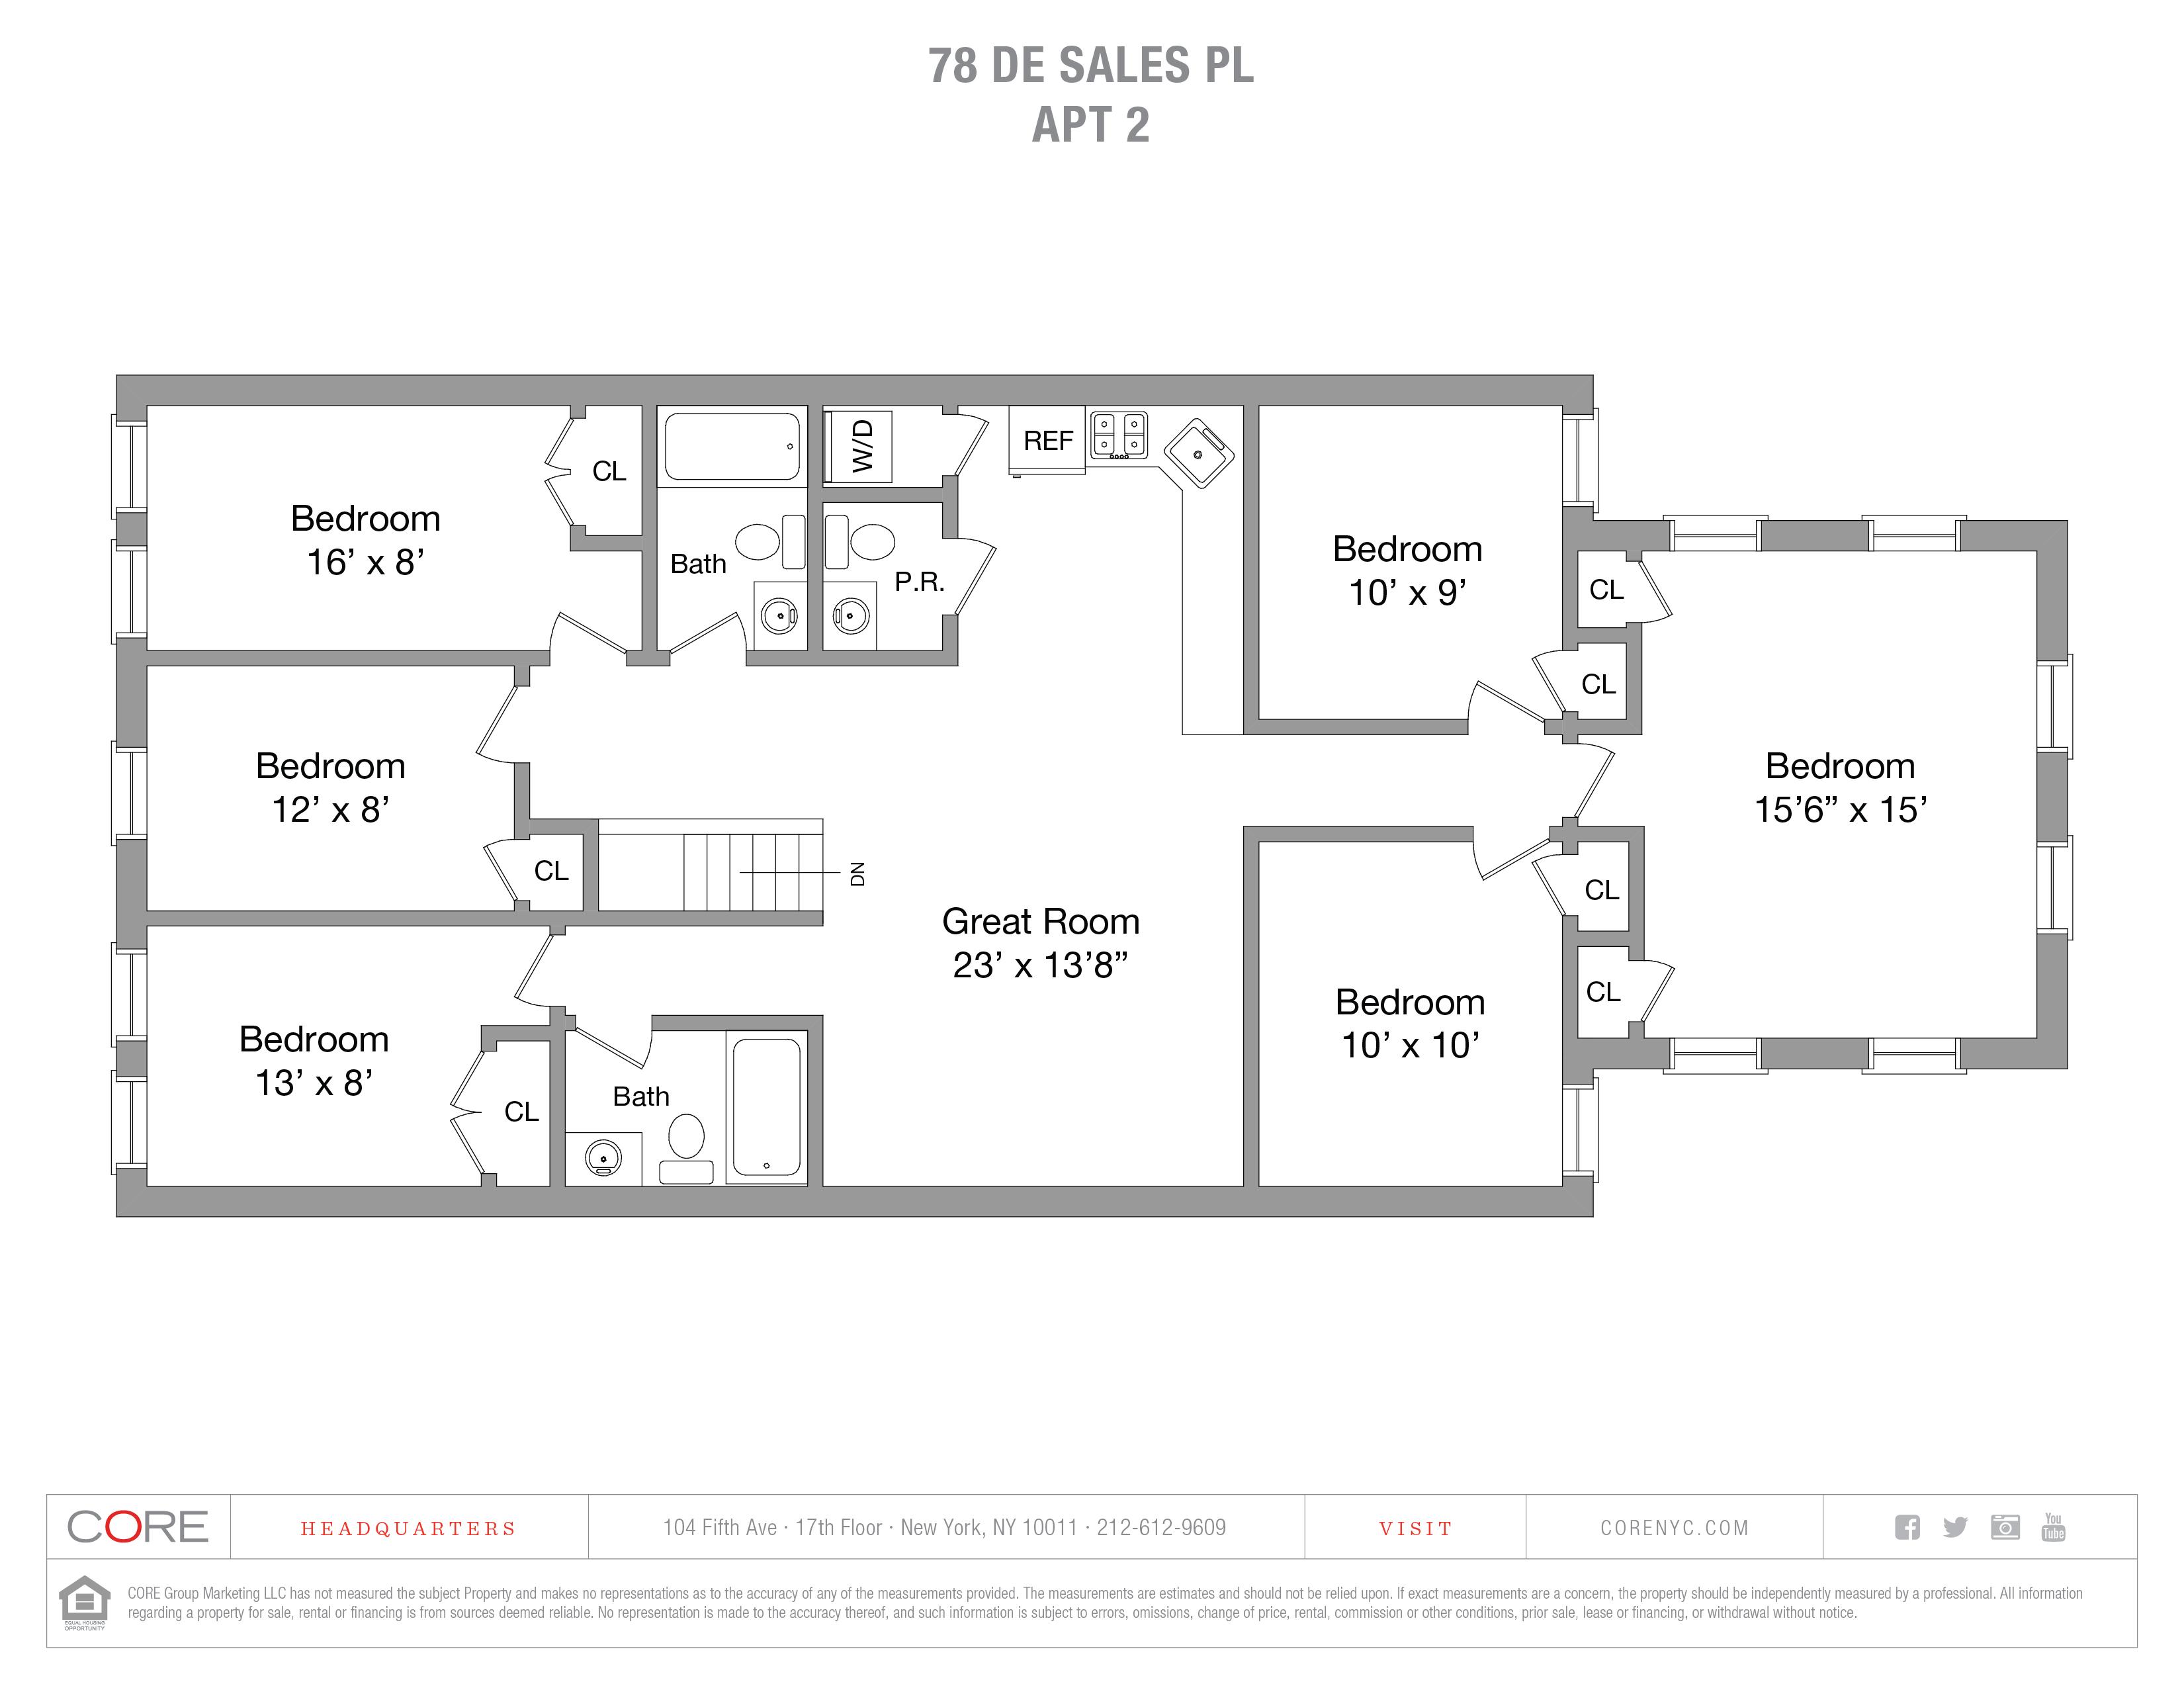 78 De Sales Place 2, Brooklyn, NY 11207